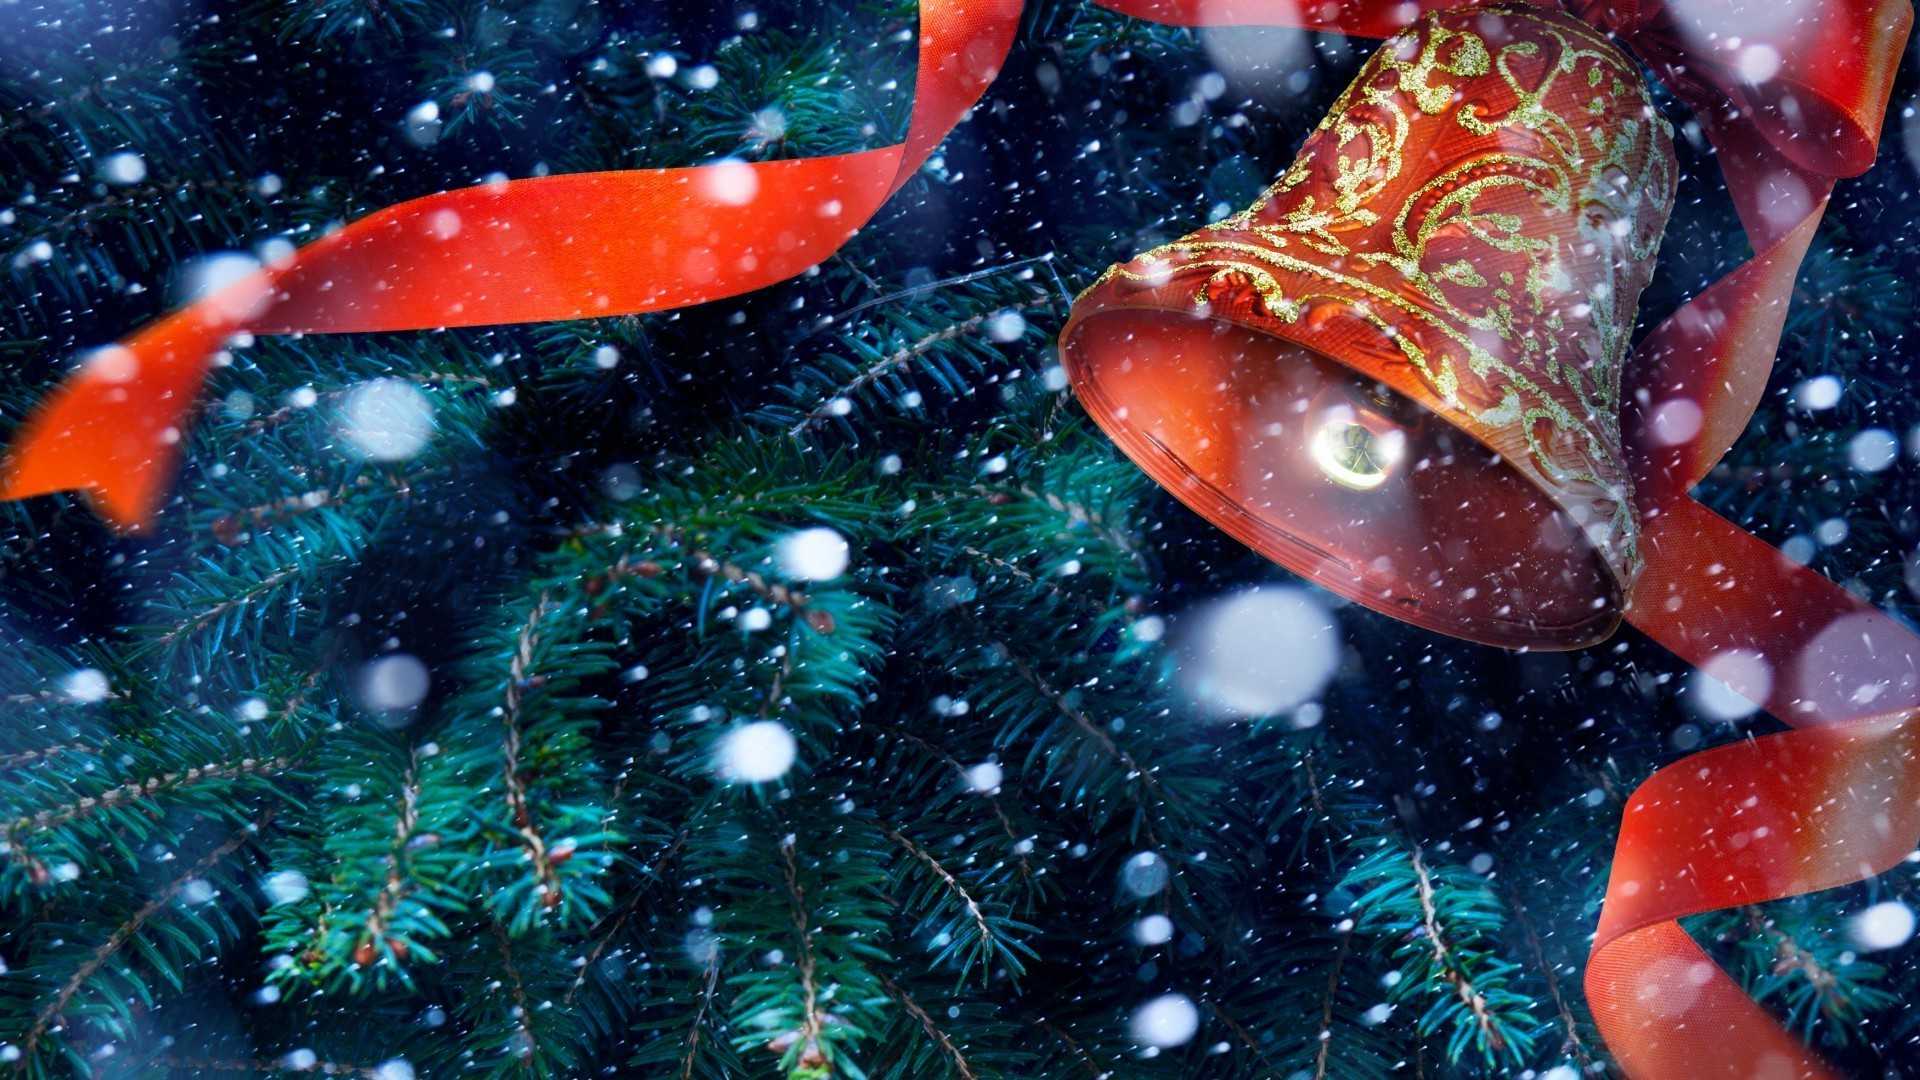 термобелье фотки нового года на рабочий стол телефона планируете заниматься лыжным